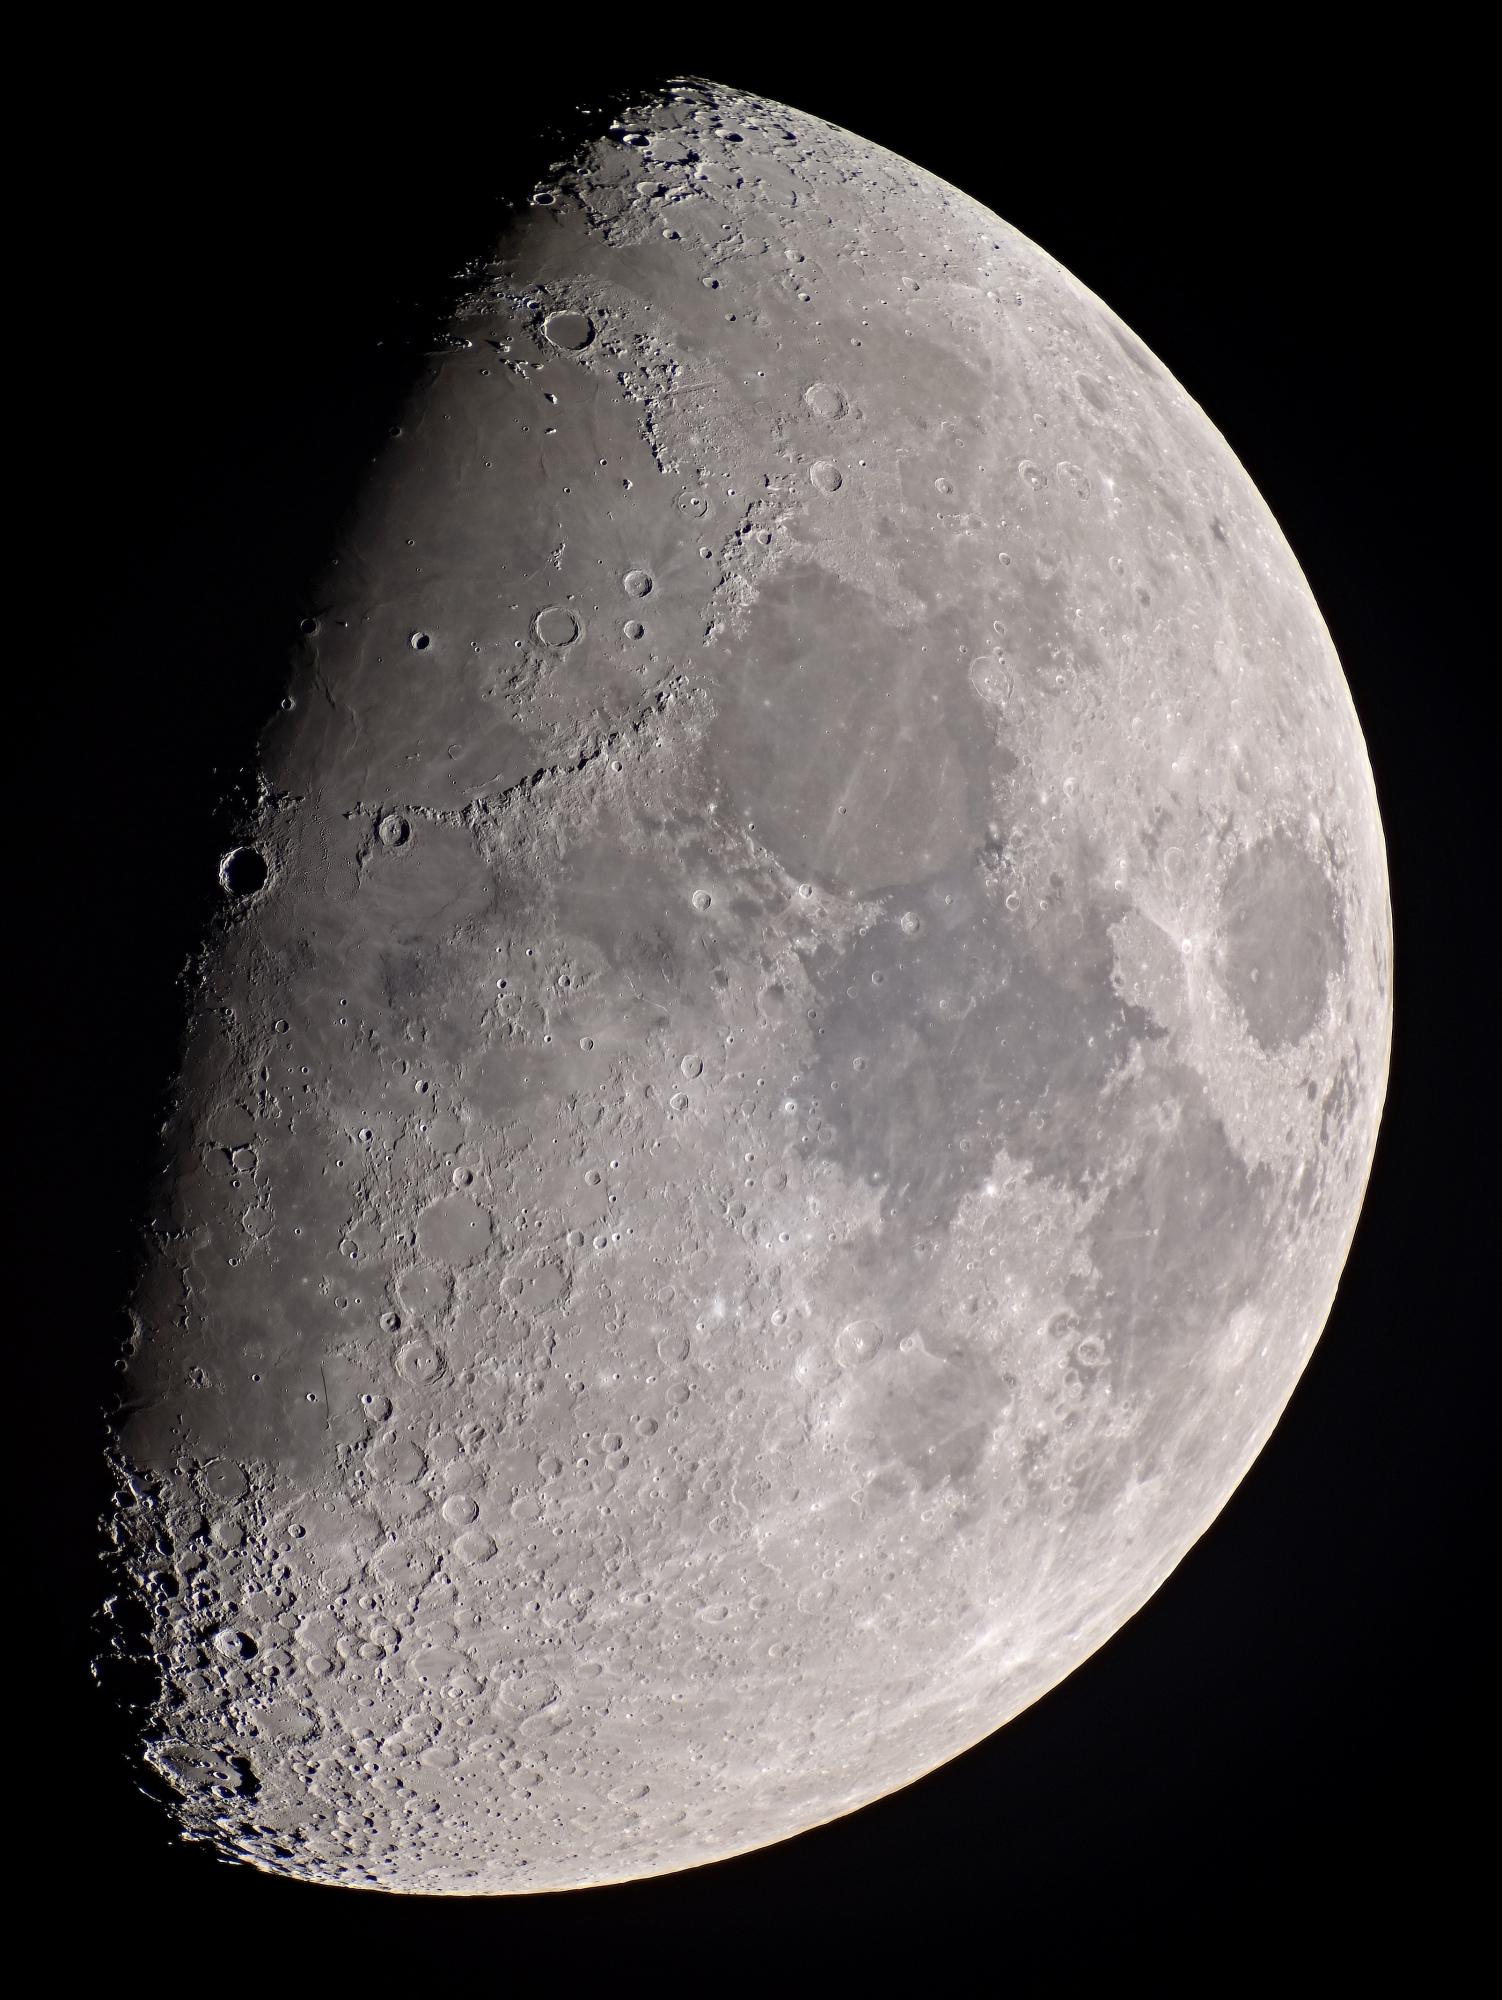 5e1606d587916_lune4jan19sat.thumb.jpg.27ec38bf8ea07d8169134cb9e1ea265c.jpg